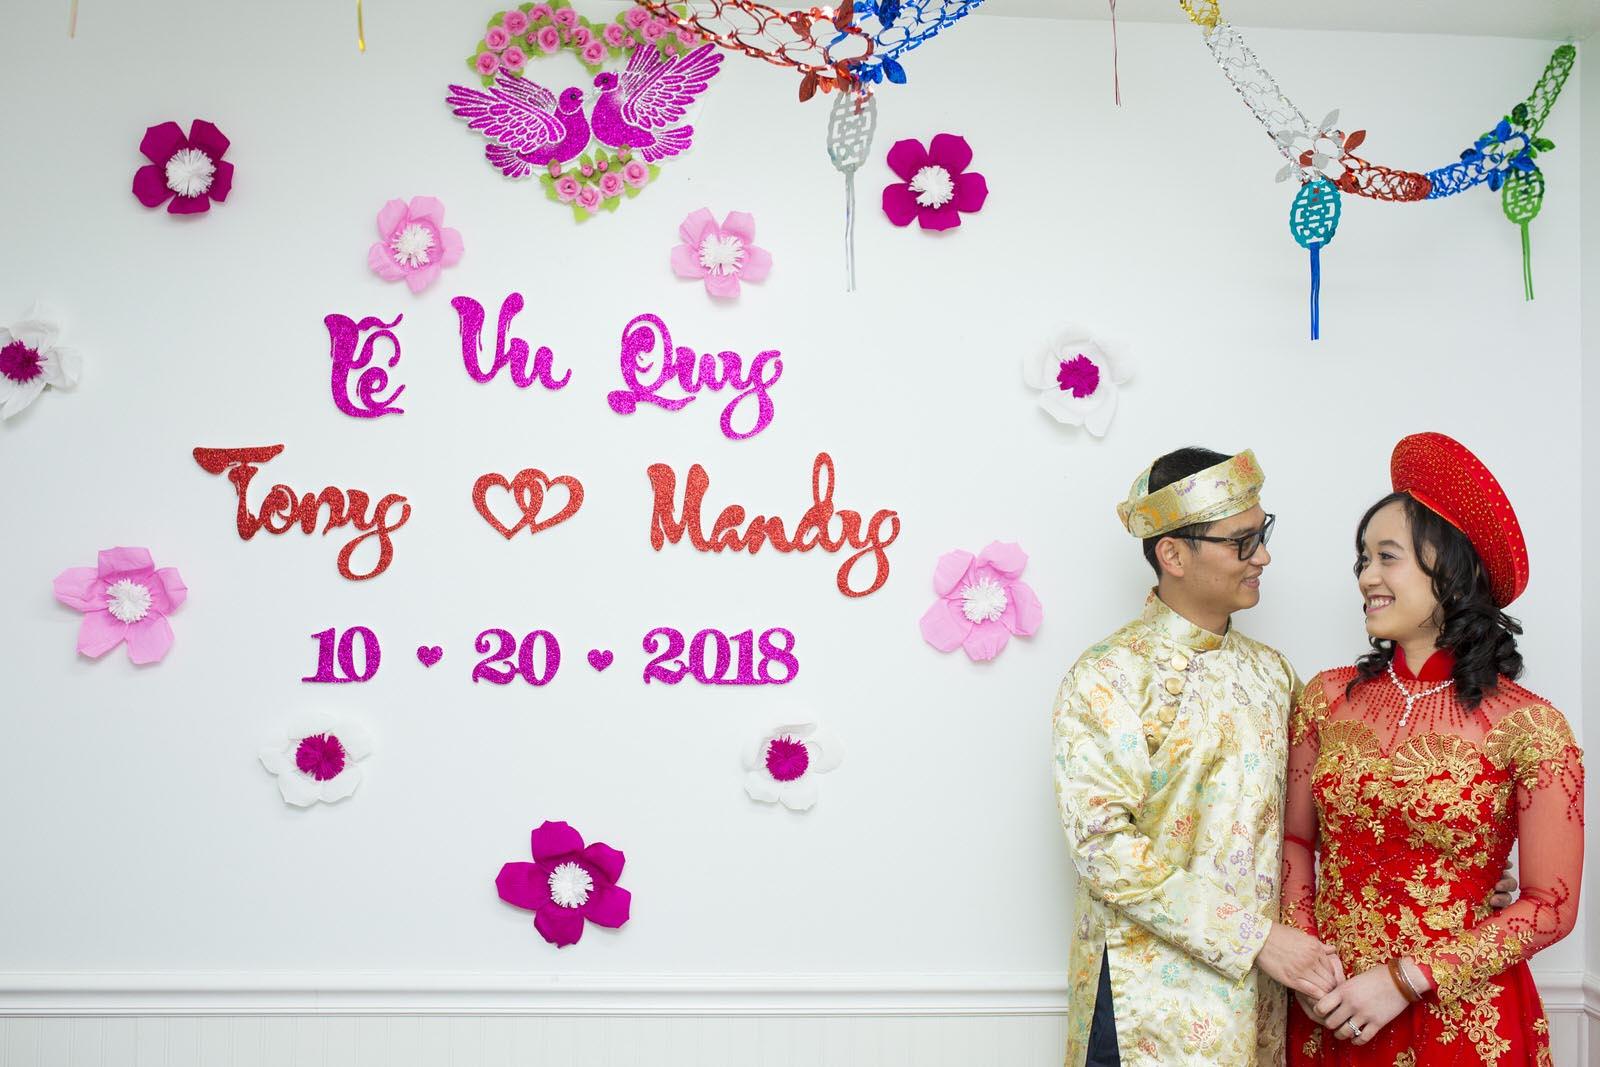 Thanh & Linh_418.jpg